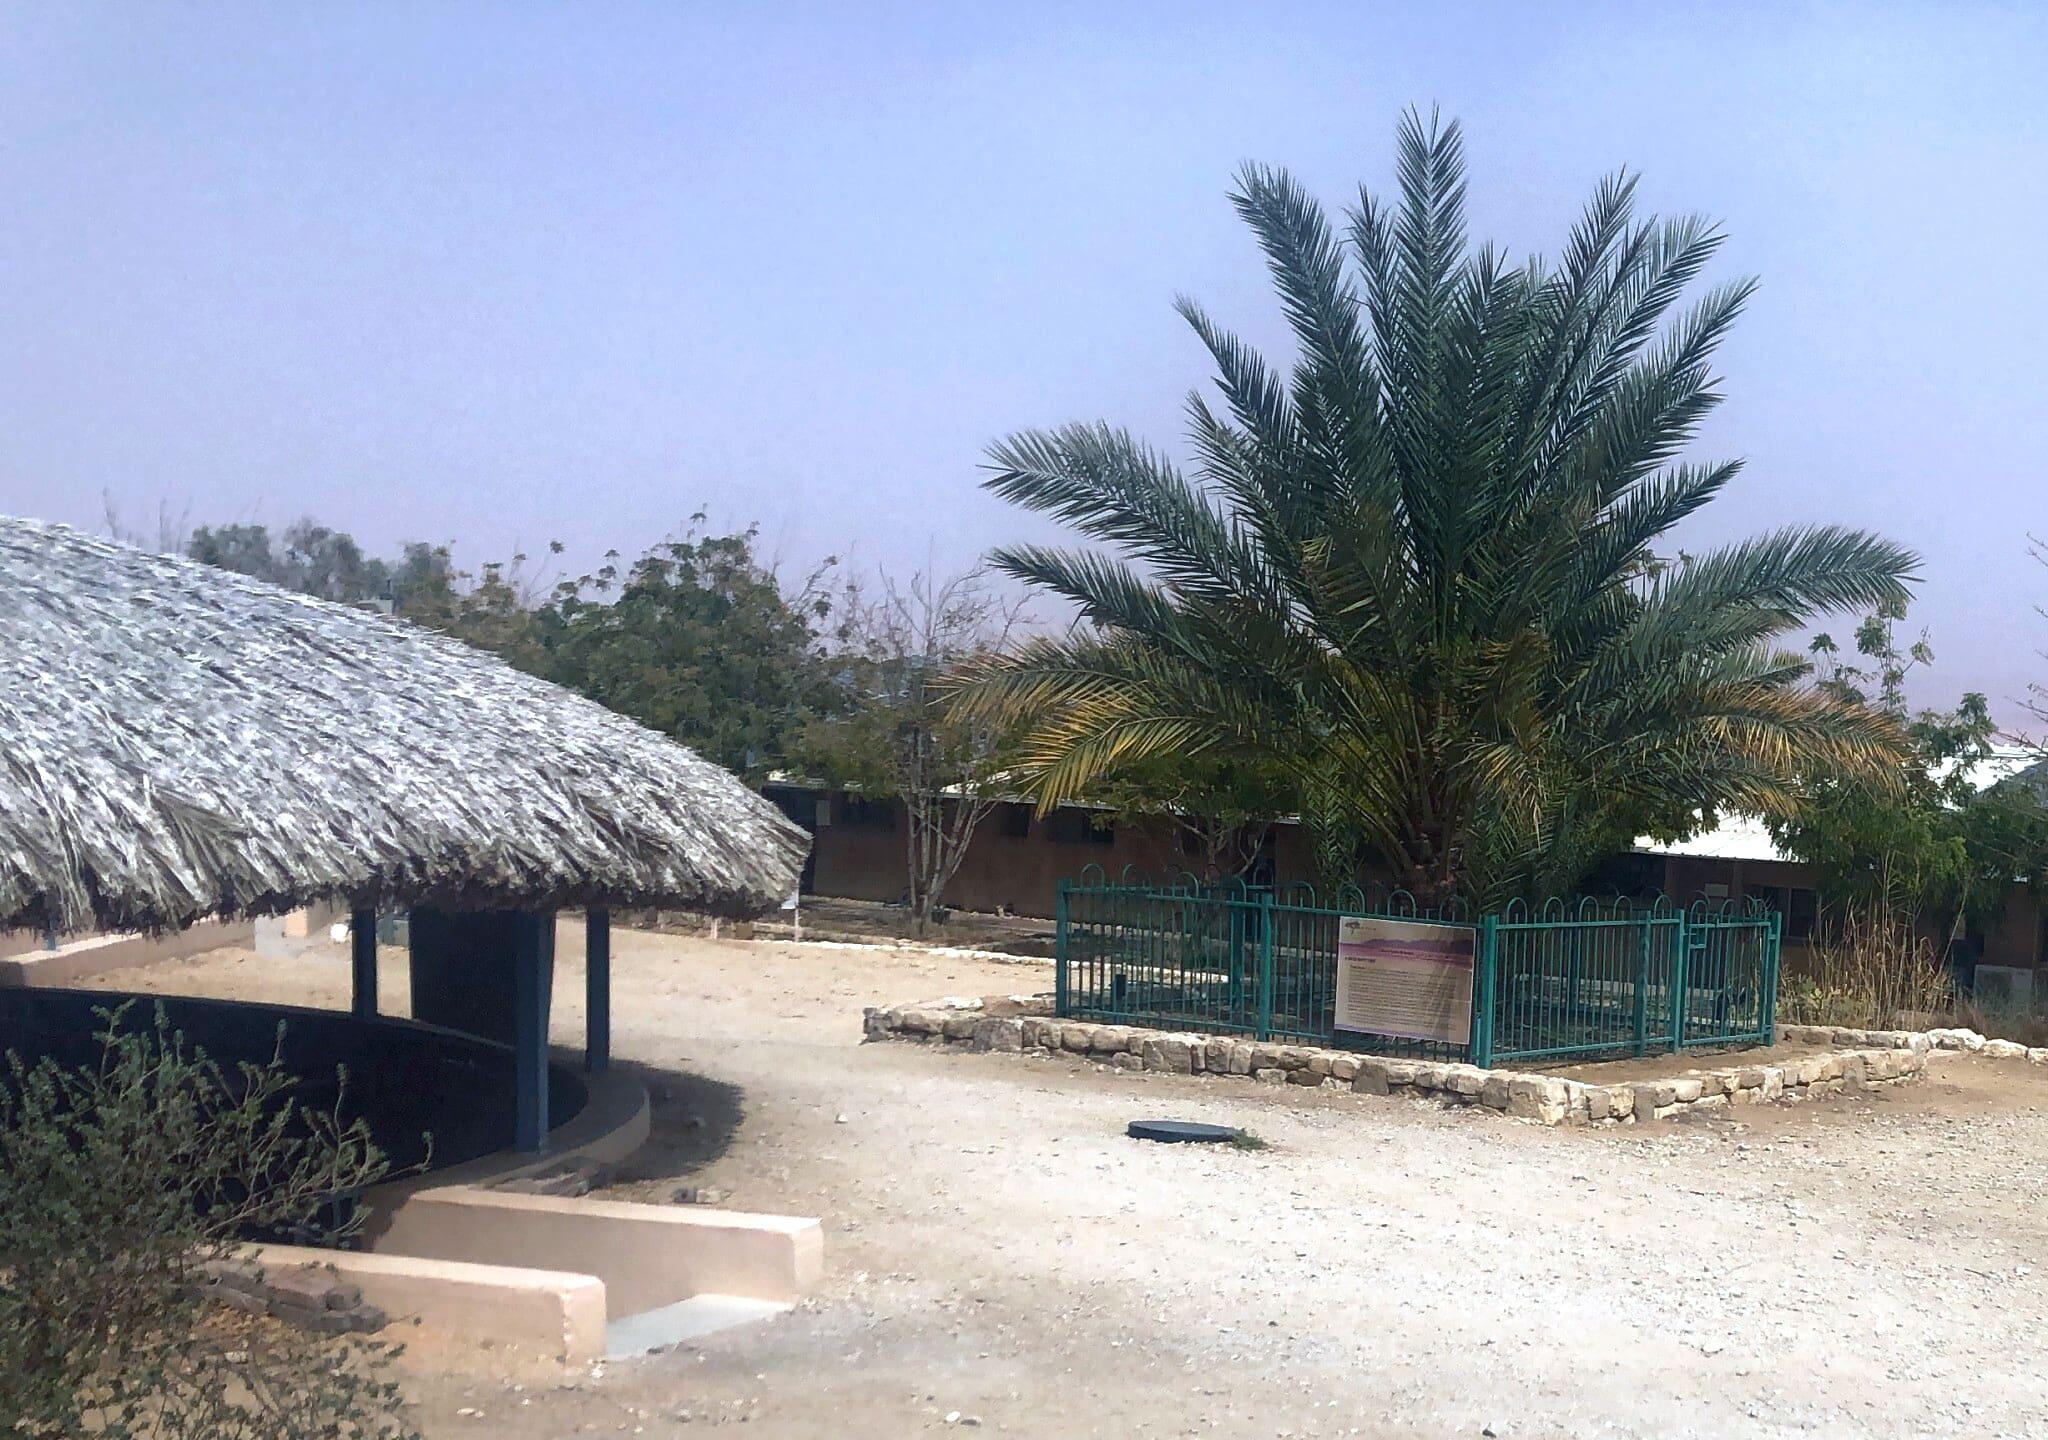 עץ התמר מתושלח בקיבוץ קטורה (צילום: סו סורקיס)